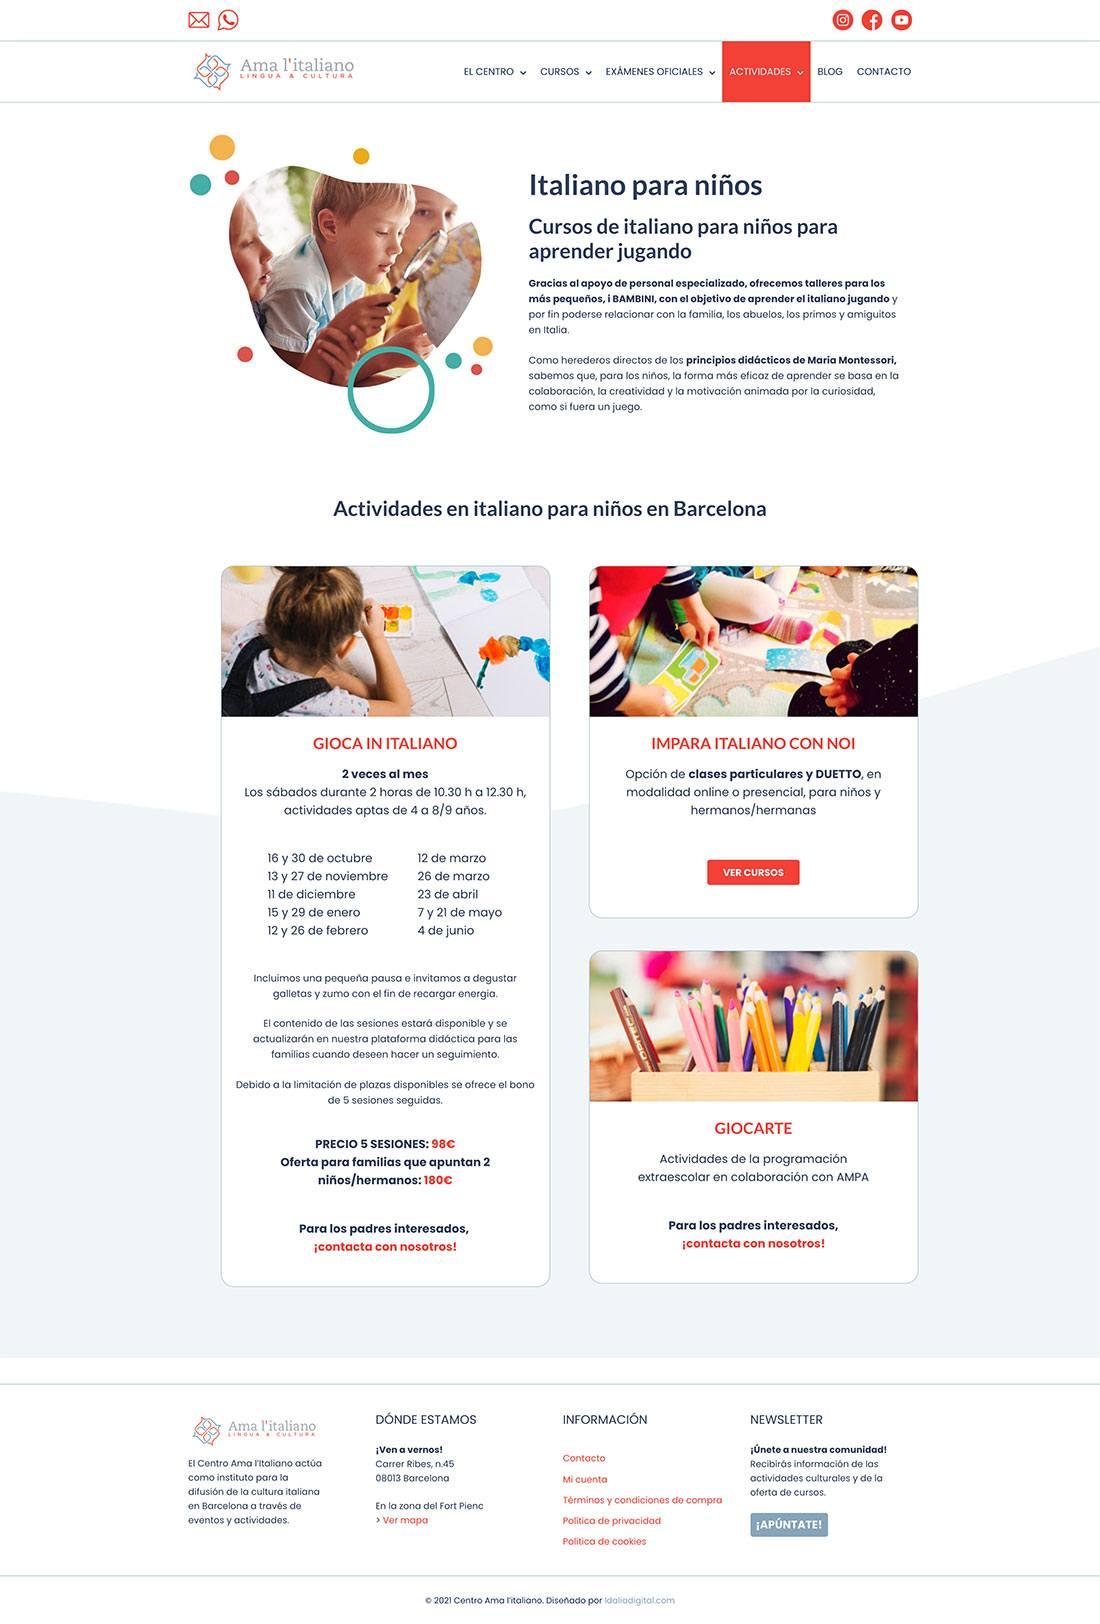 Sitio web Centro Ama l'italiano